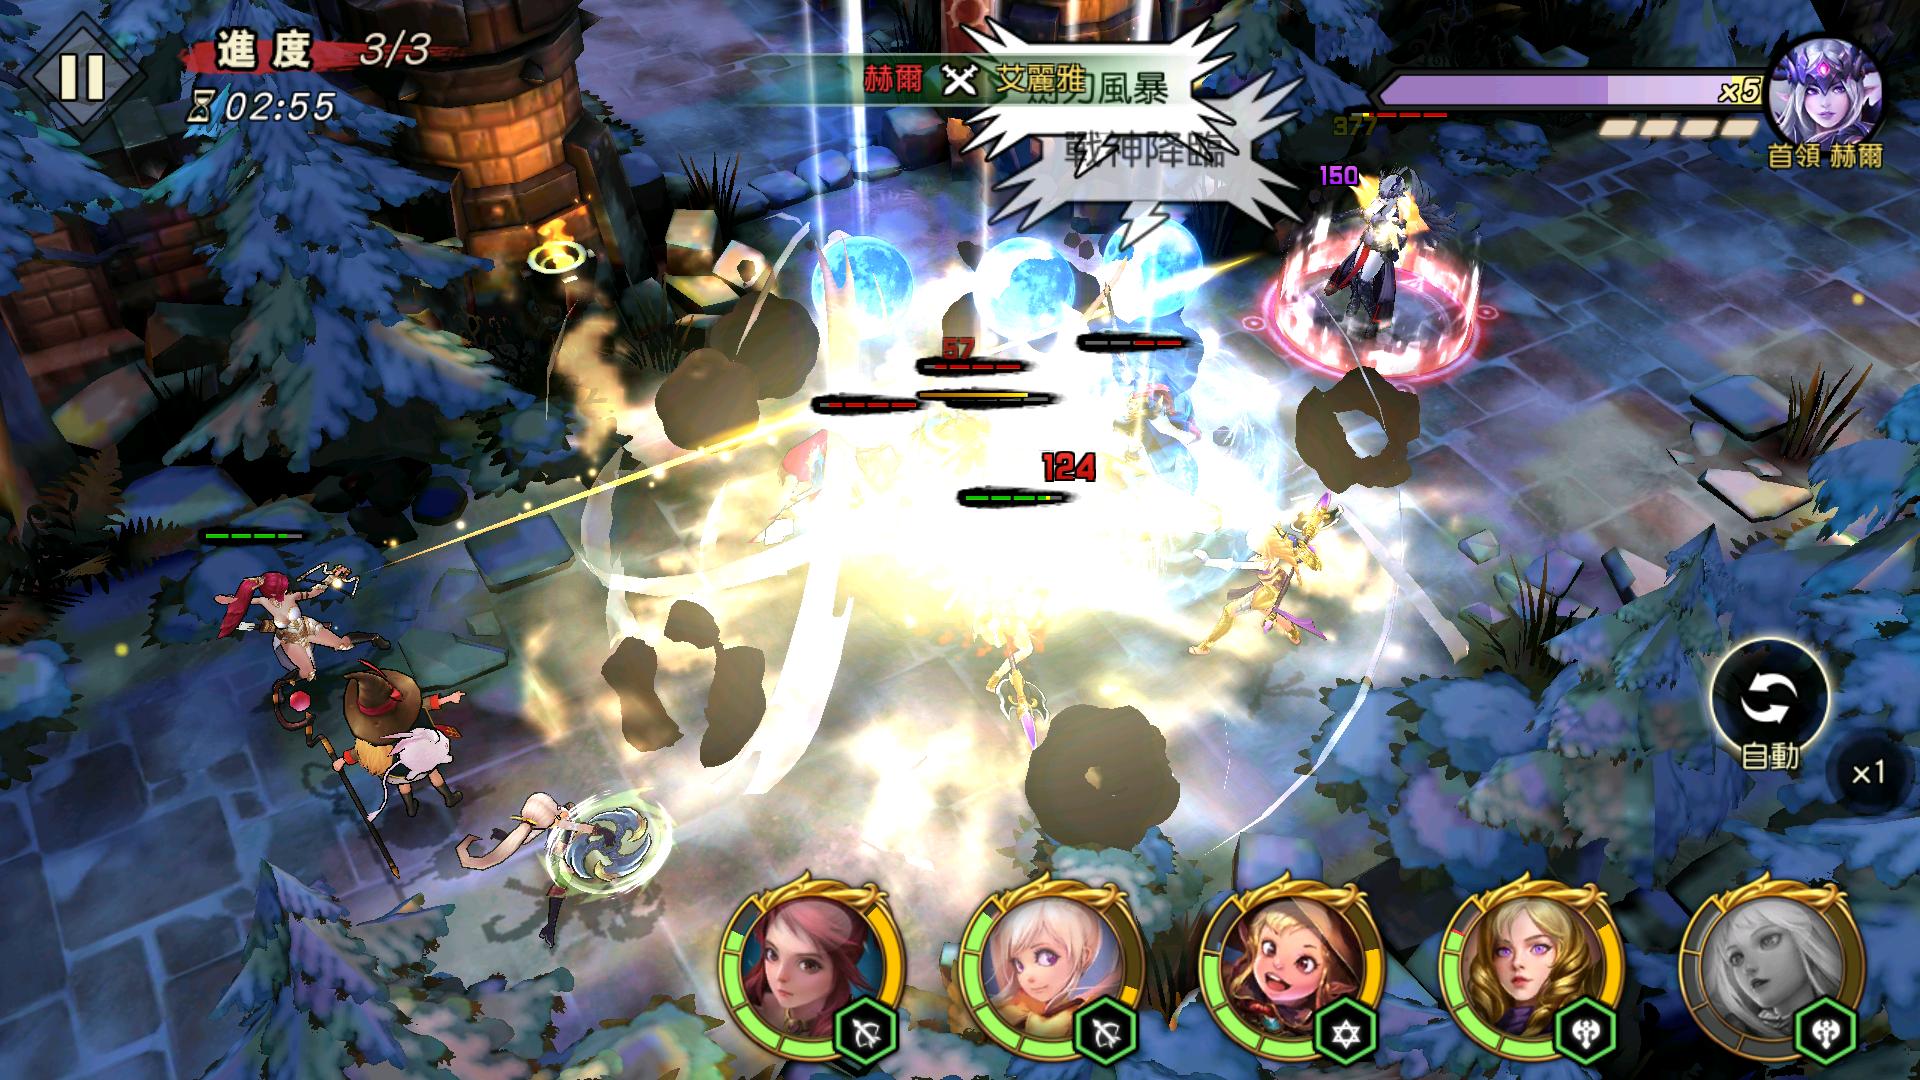 遊戲的戰鬥視覺效果十分華麗